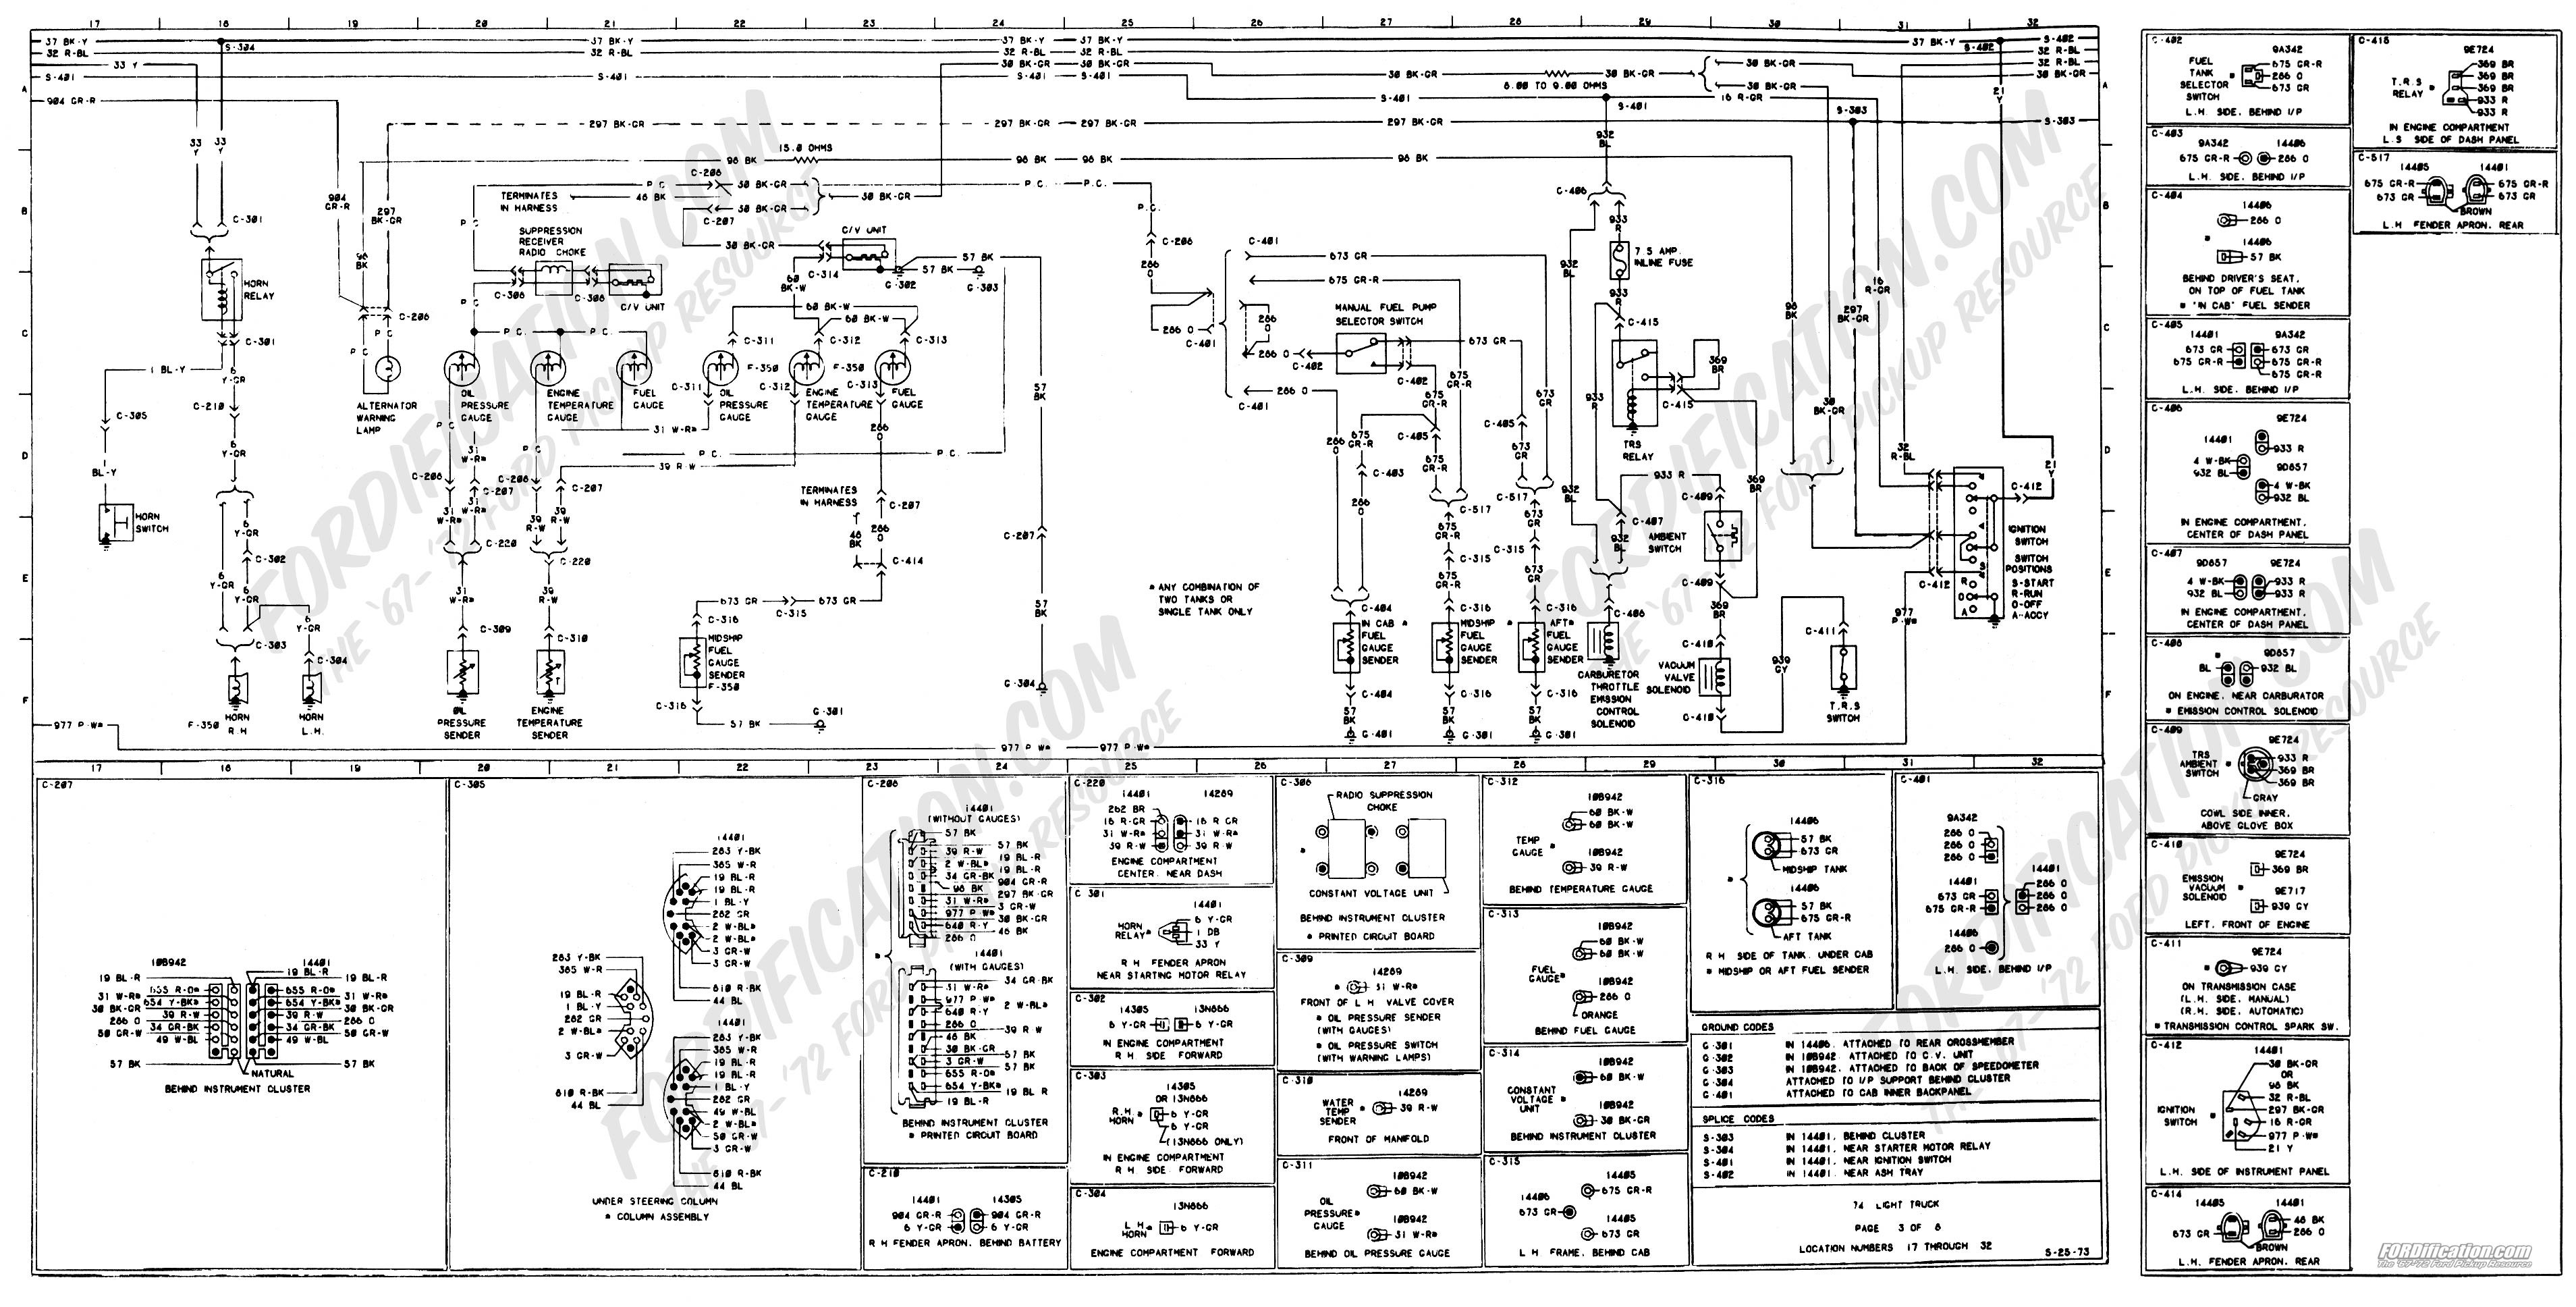 1997 Ford F150 4 6 Engine Diagram 2 My Wiring Diagram